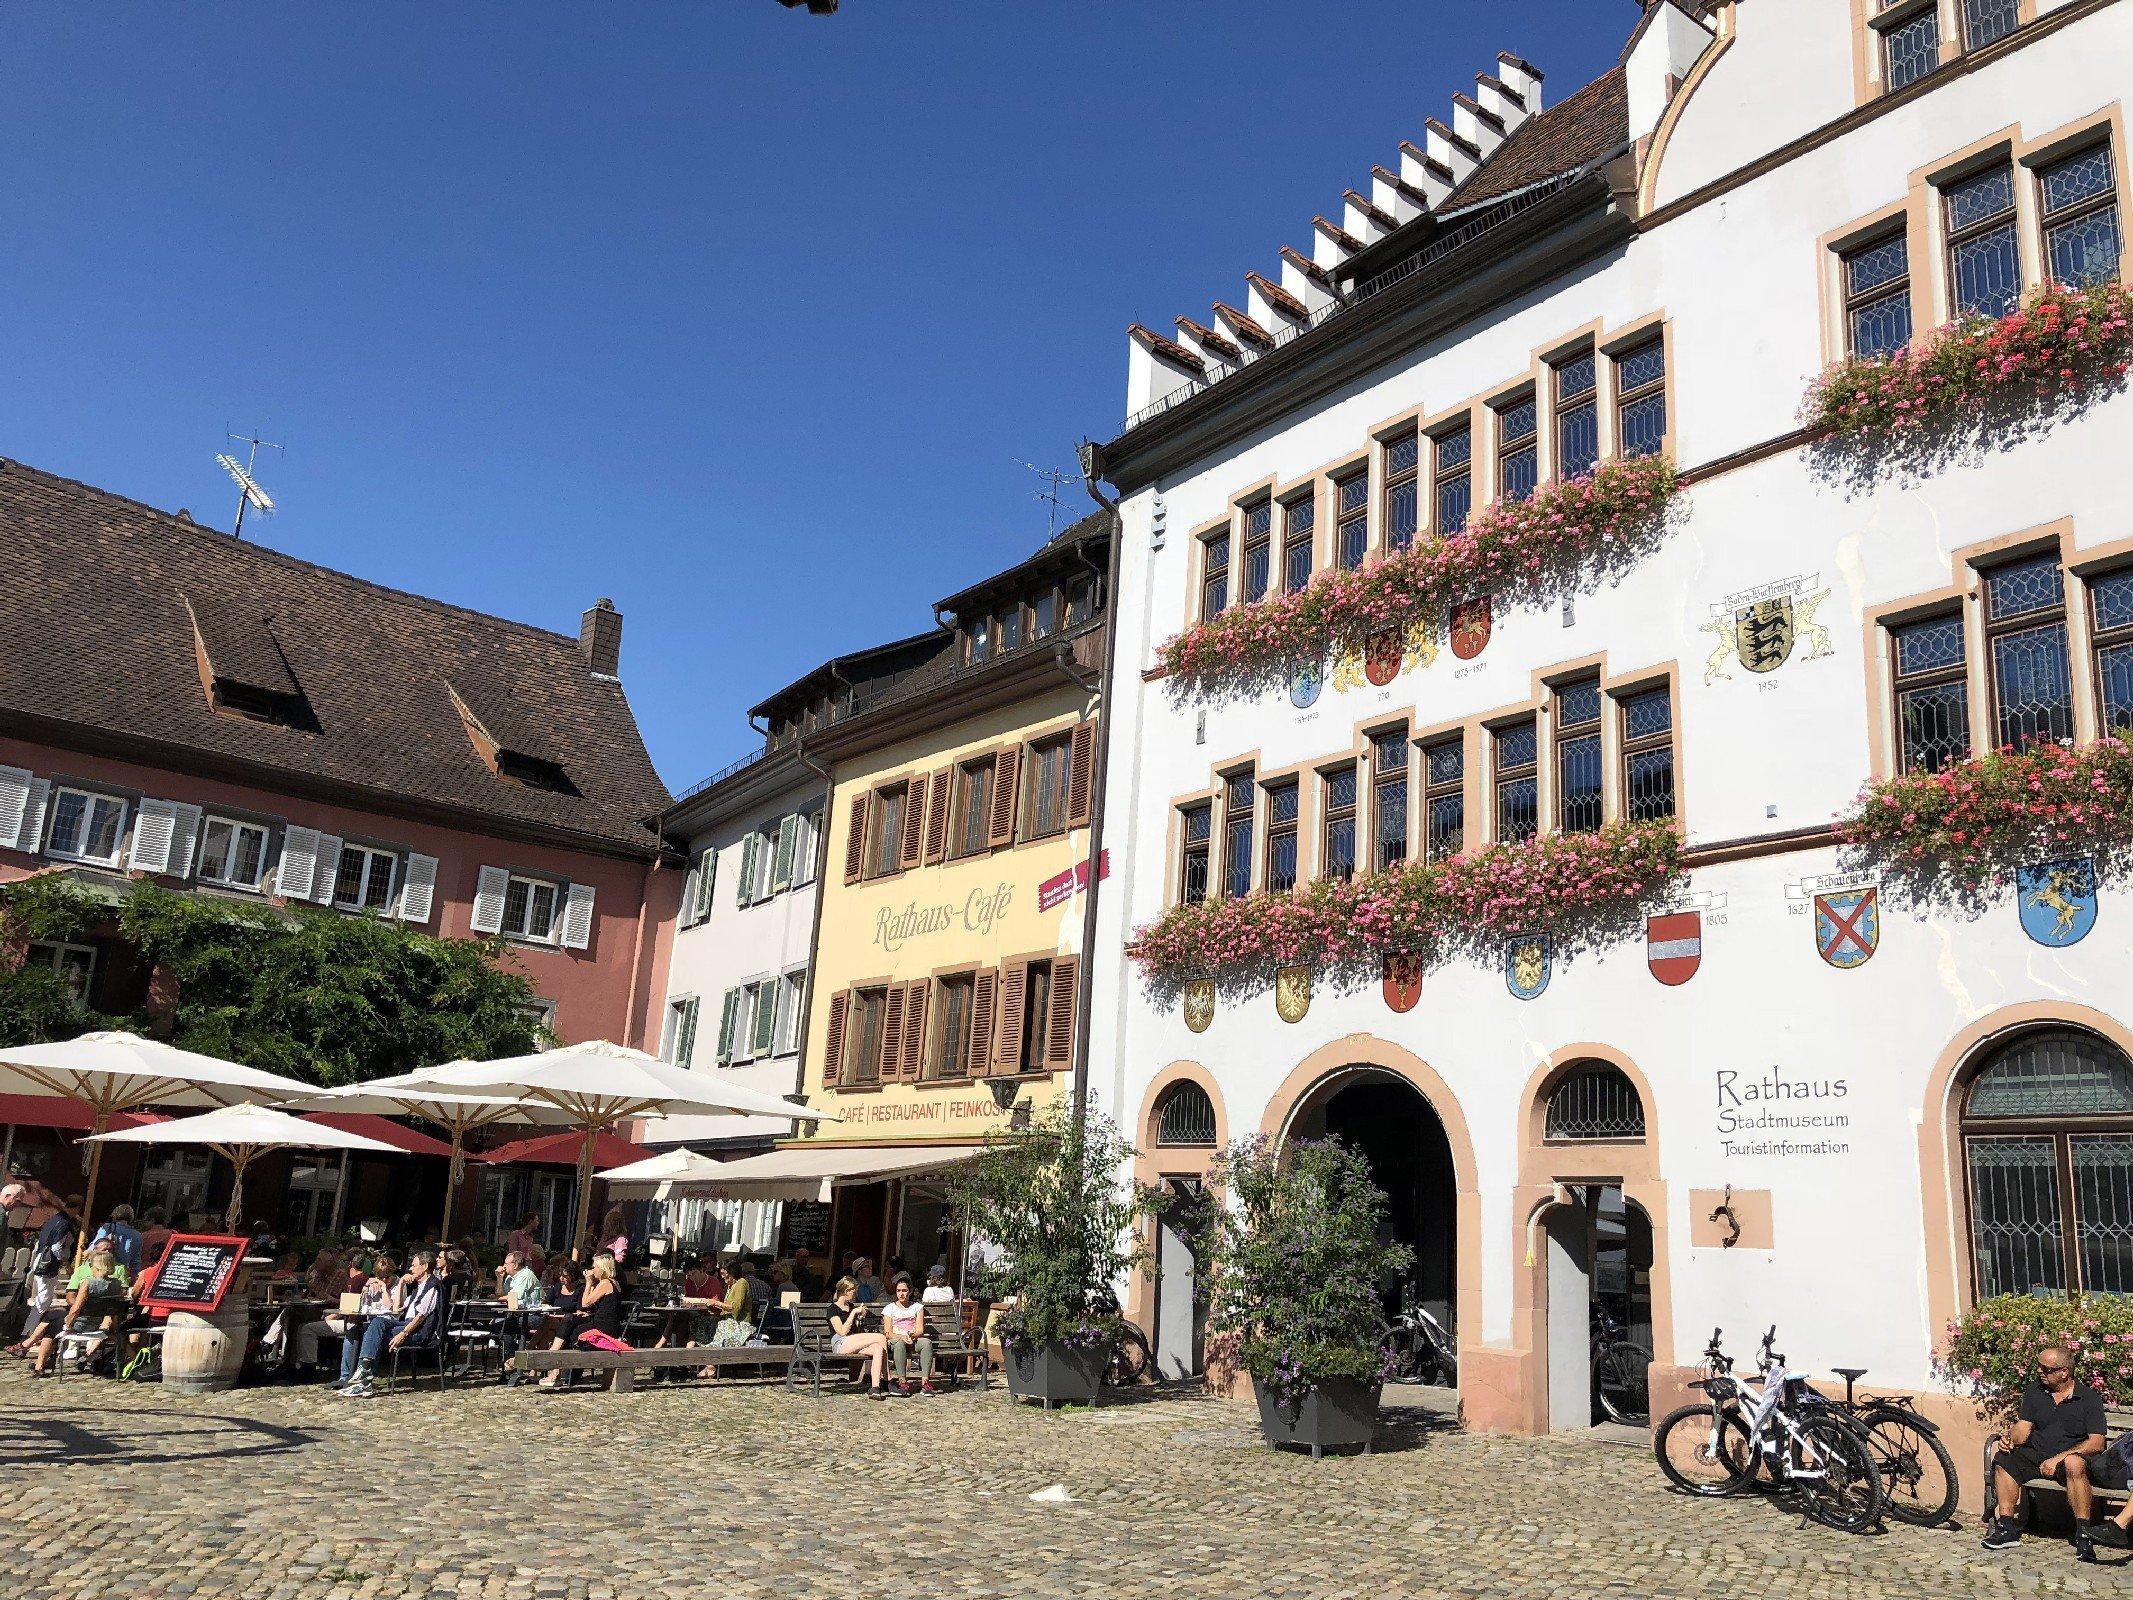 Jets Like Taxis in Staufen im Breisgau, Germany